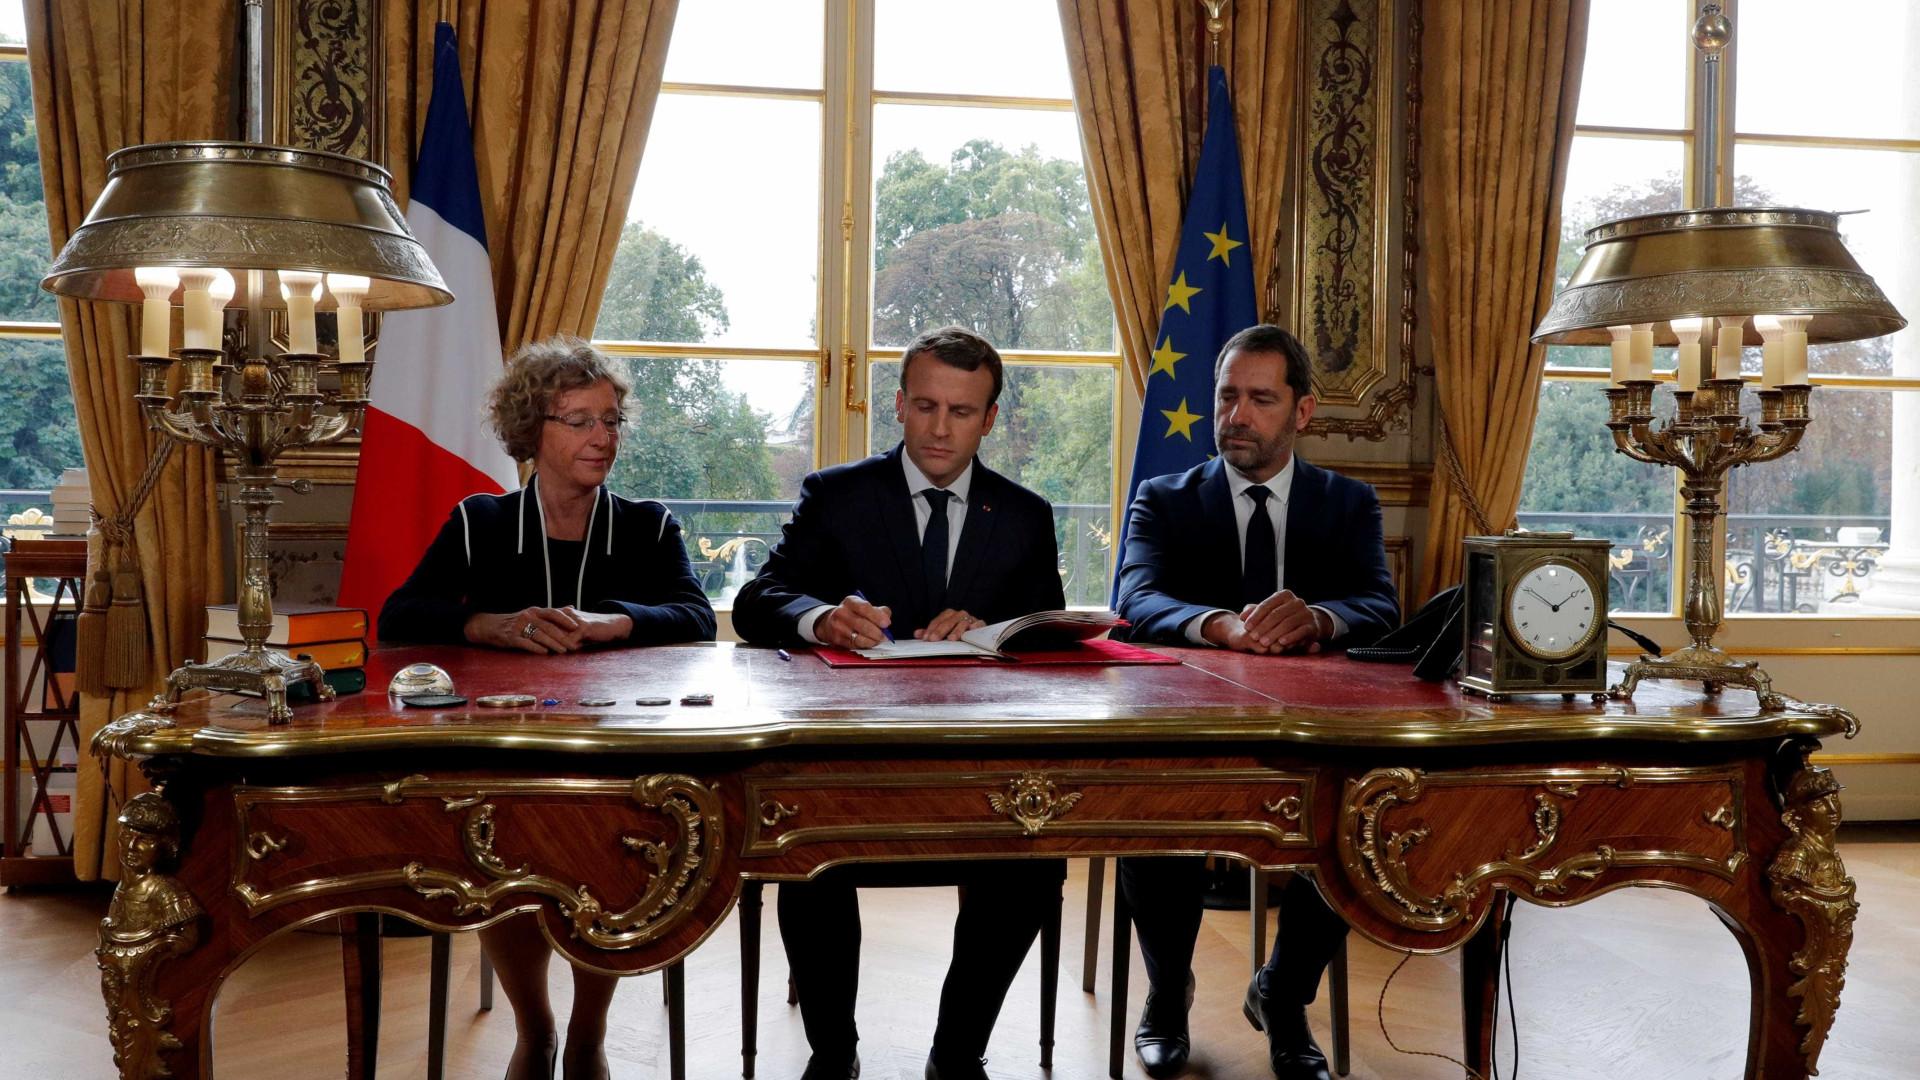 Macron promulga controversa reforma da lei do trabalho em direto na TV